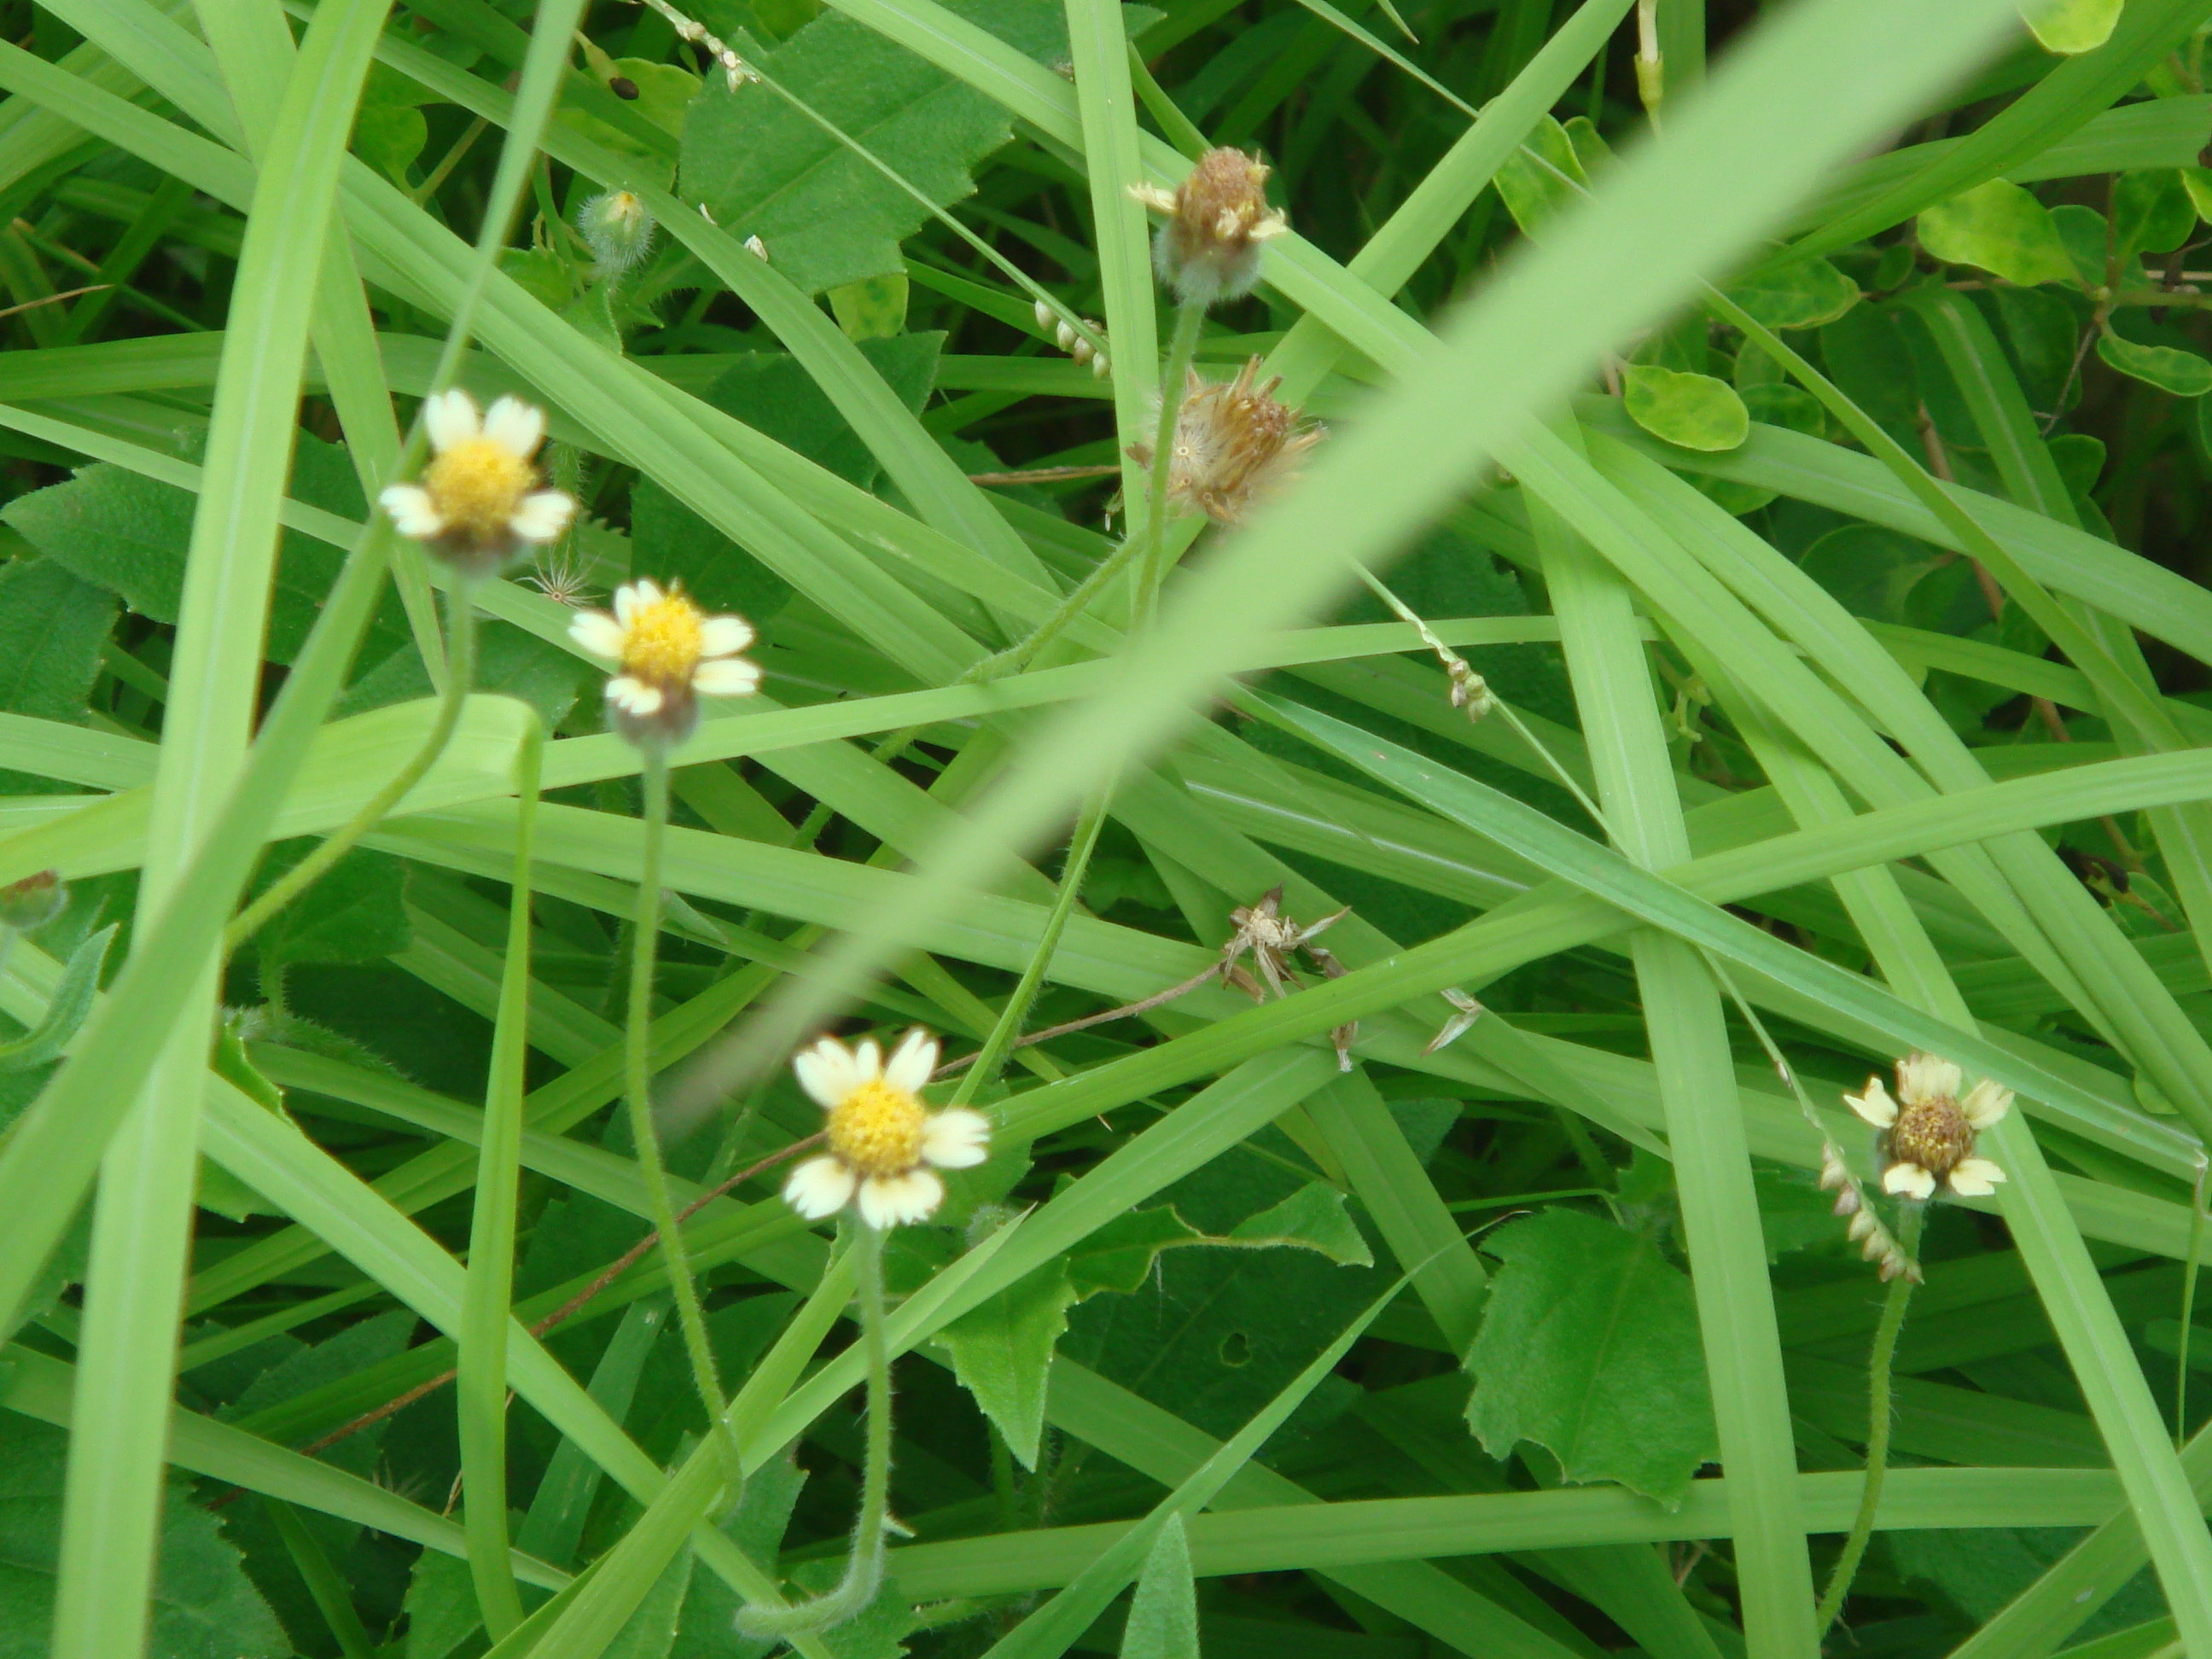 除了各种植物之外,居然里面也有一些小动物,比较神奇.